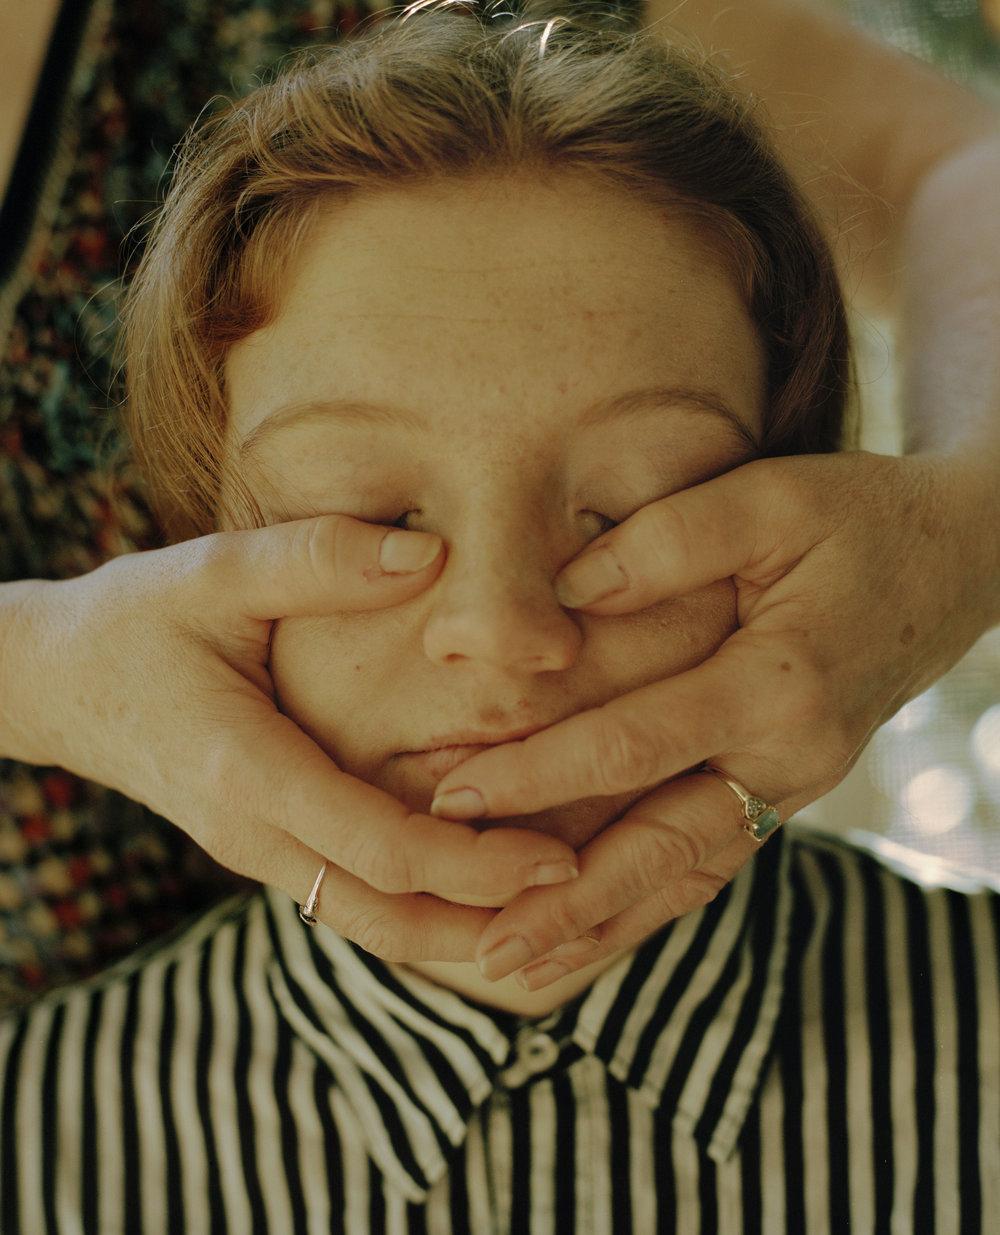 delia hands1.jpg